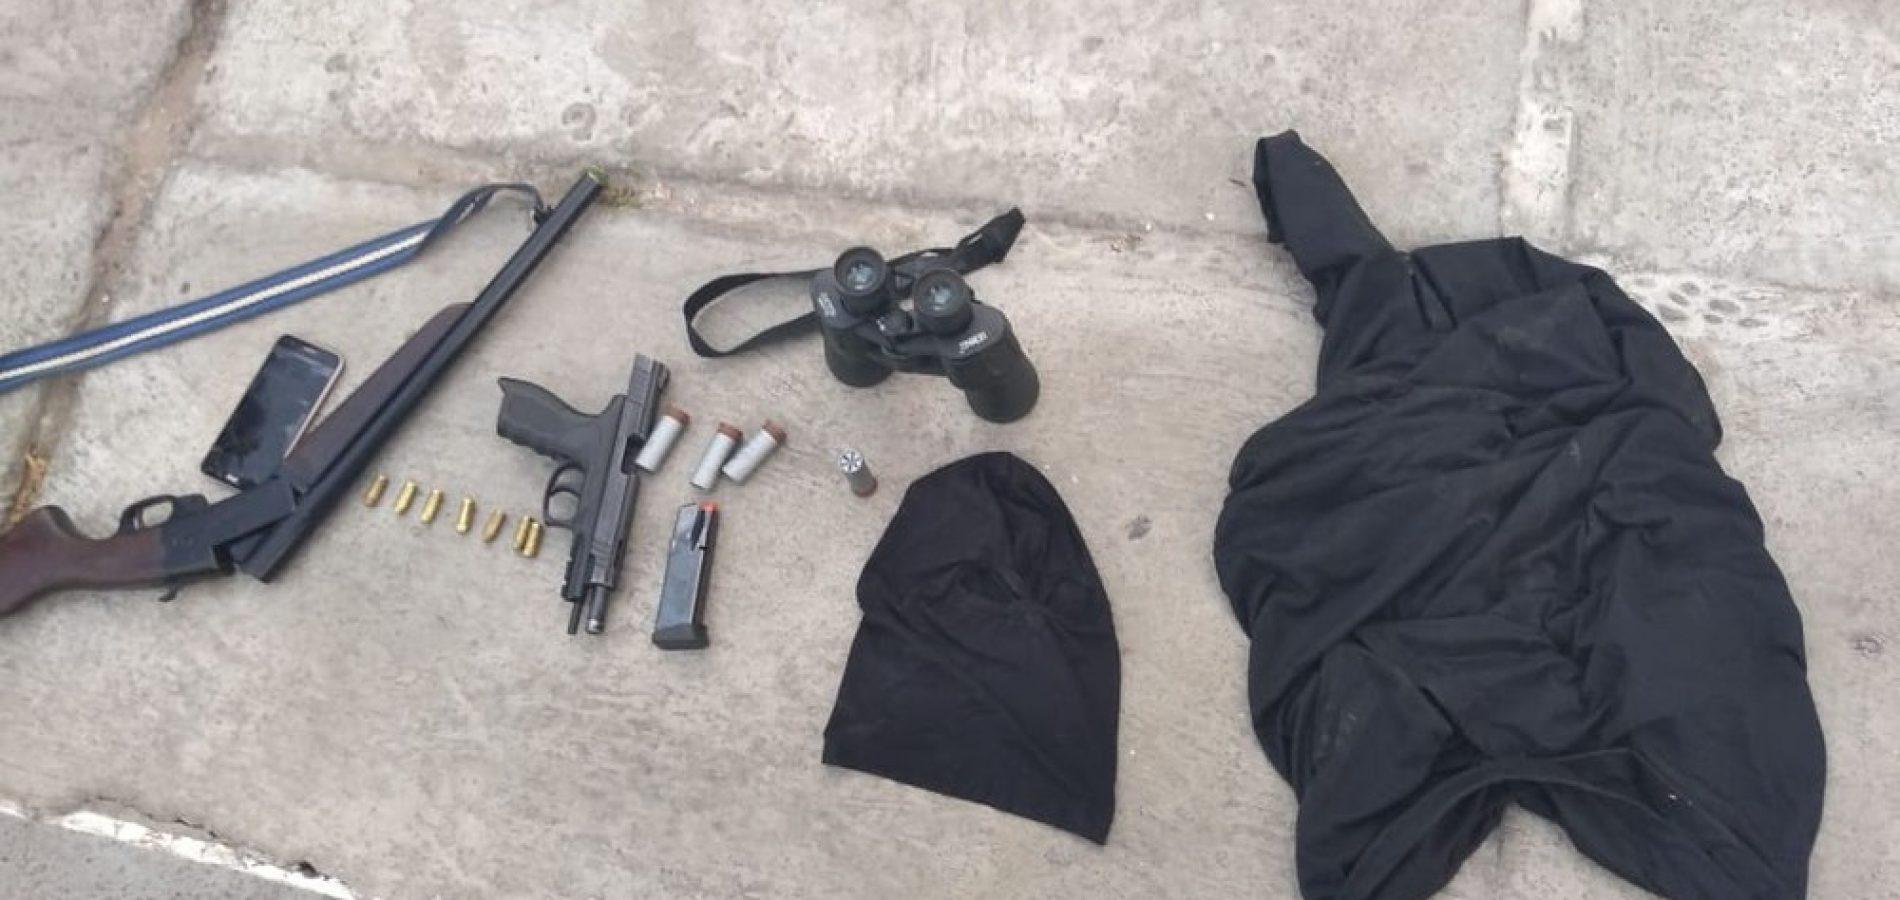 Quatros homens são presos com pistola e munições de uso restrito da Polícia Militar do Piauí